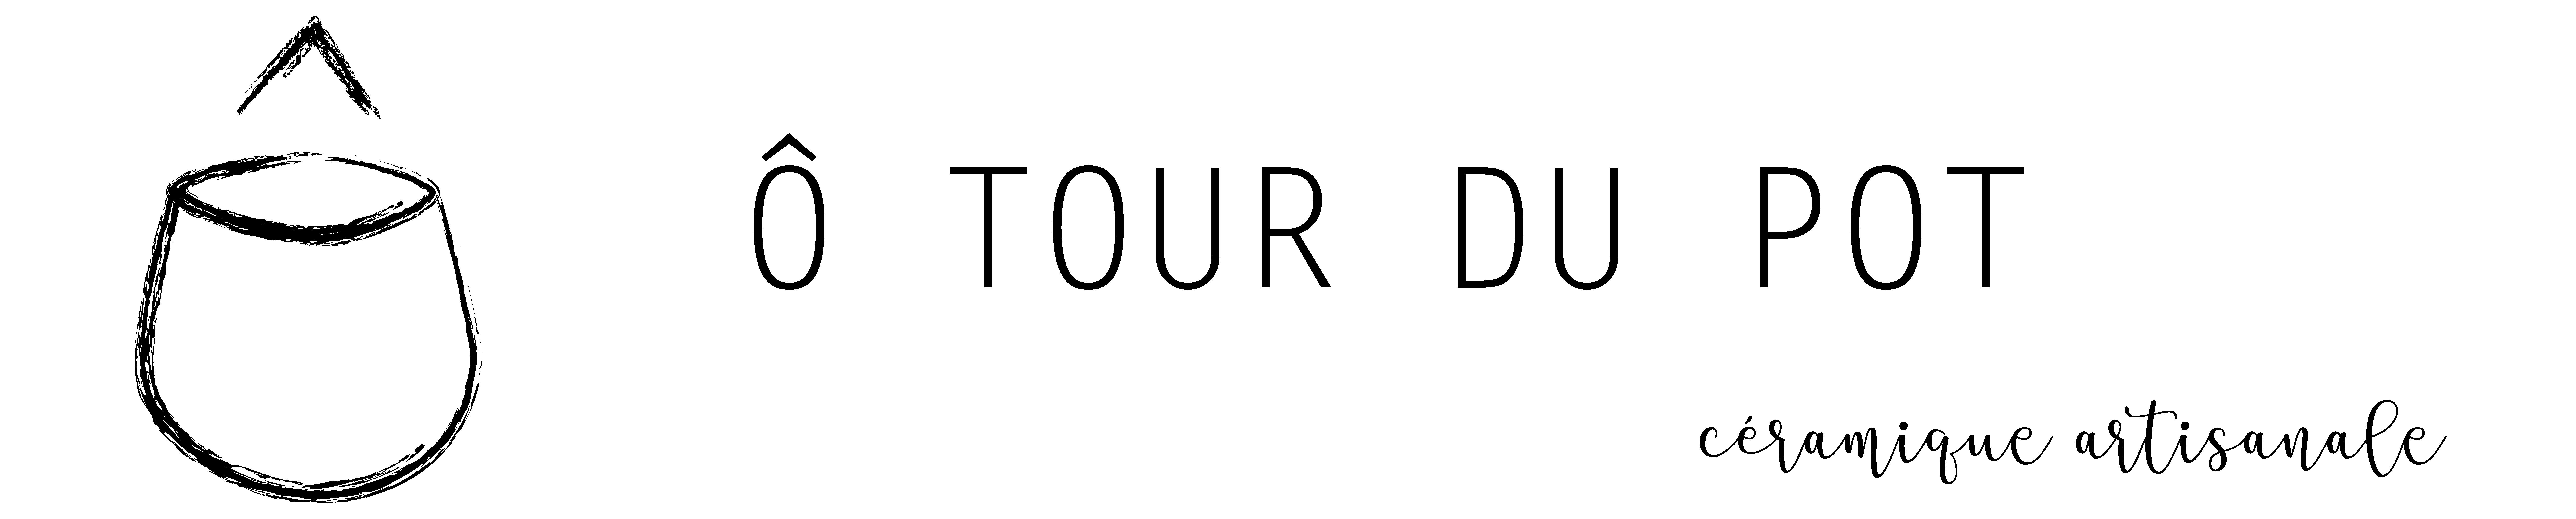 Ô tour du pot | Potière céramiste du pays de Vannes